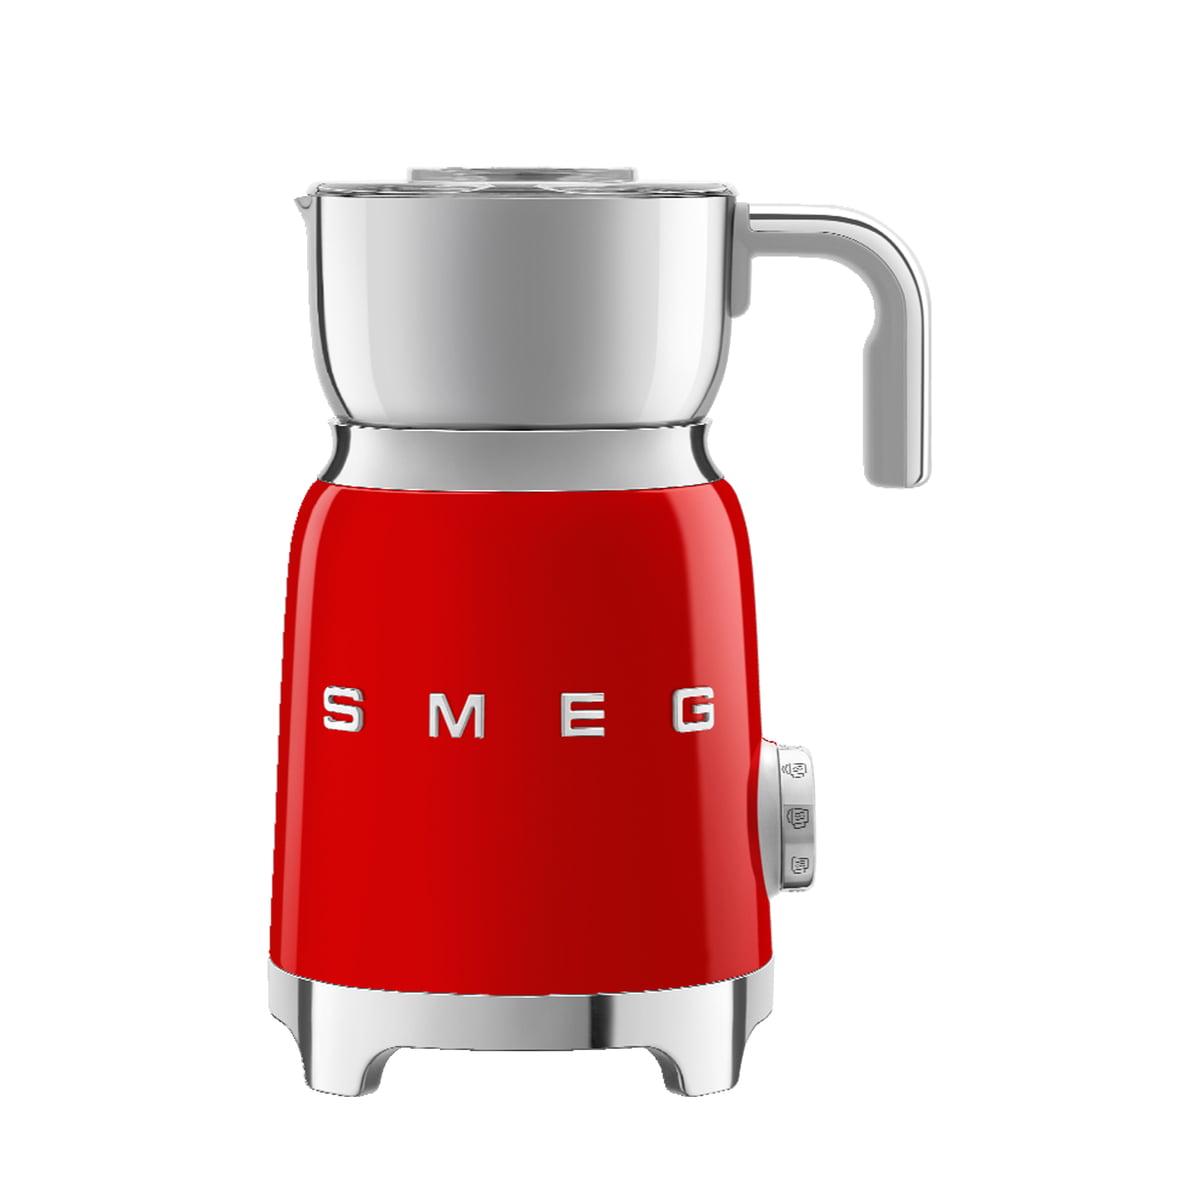 Smeg - Milchaufschäumer MFF01, rot   Küche und Esszimmer > Kaffee und Tee > Milchaufschäumer   Smeg